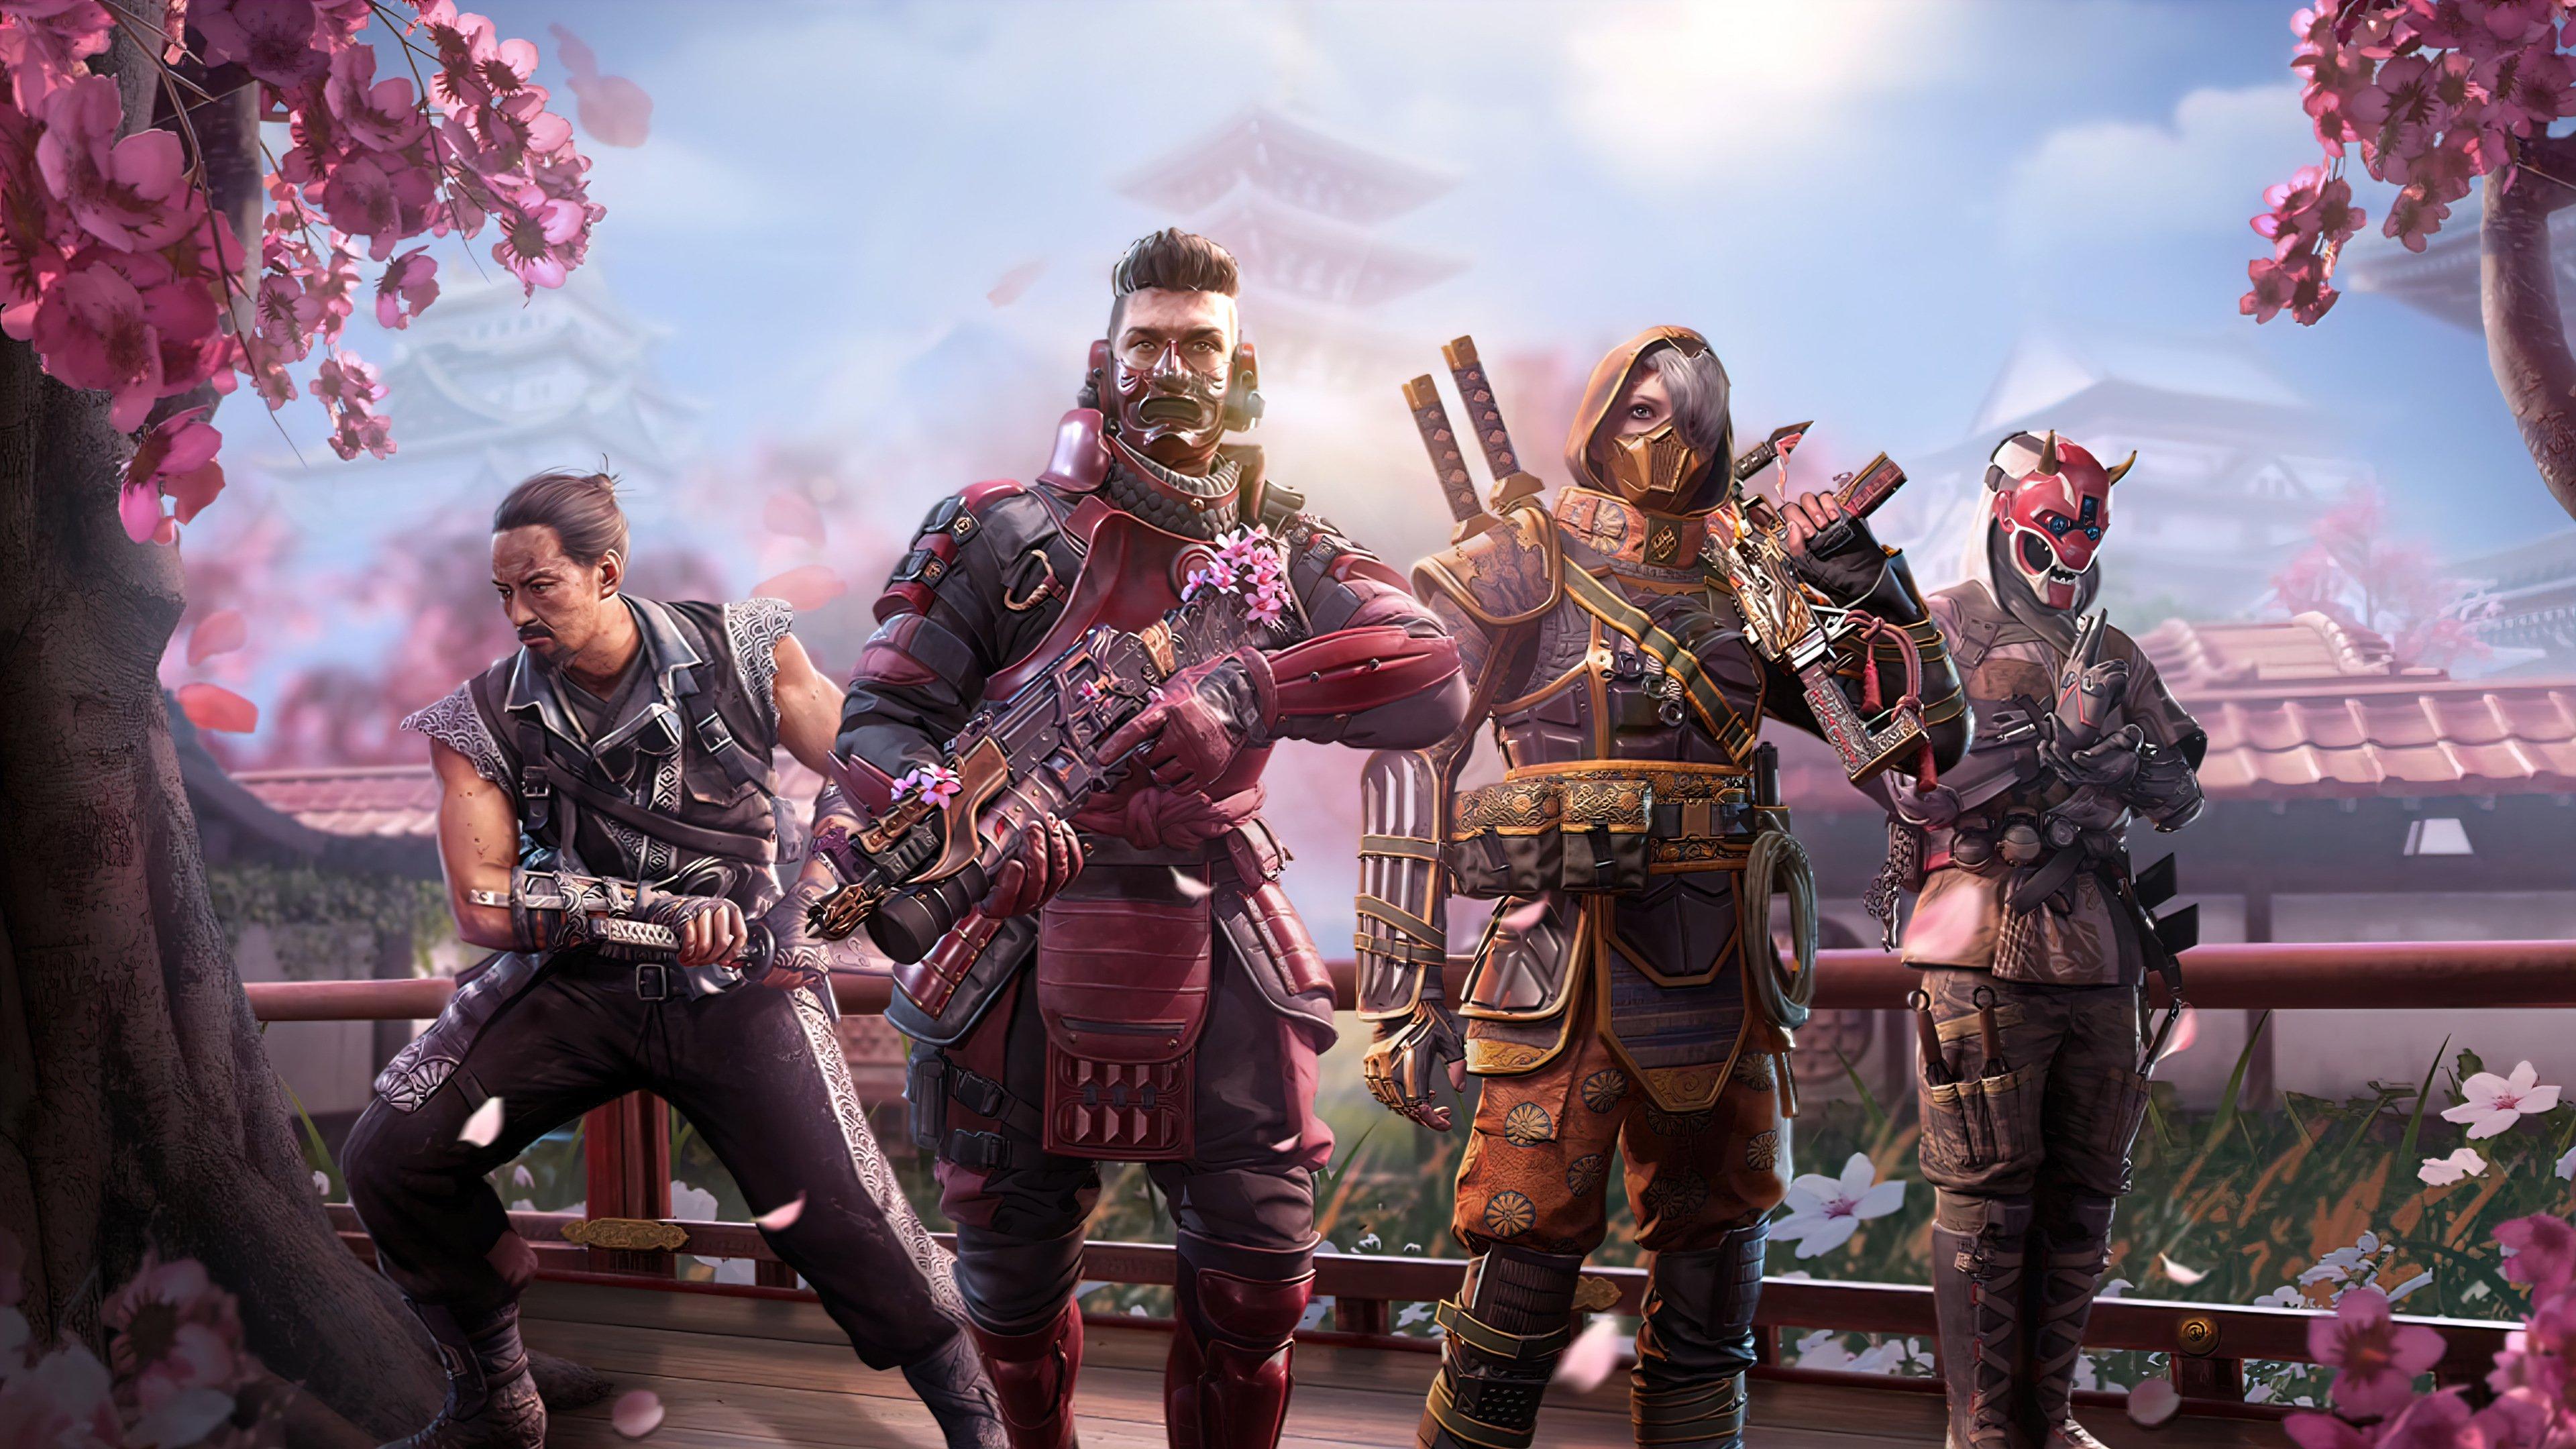 Fondos de pantalla Call of Duty Mobile Samurais Skin